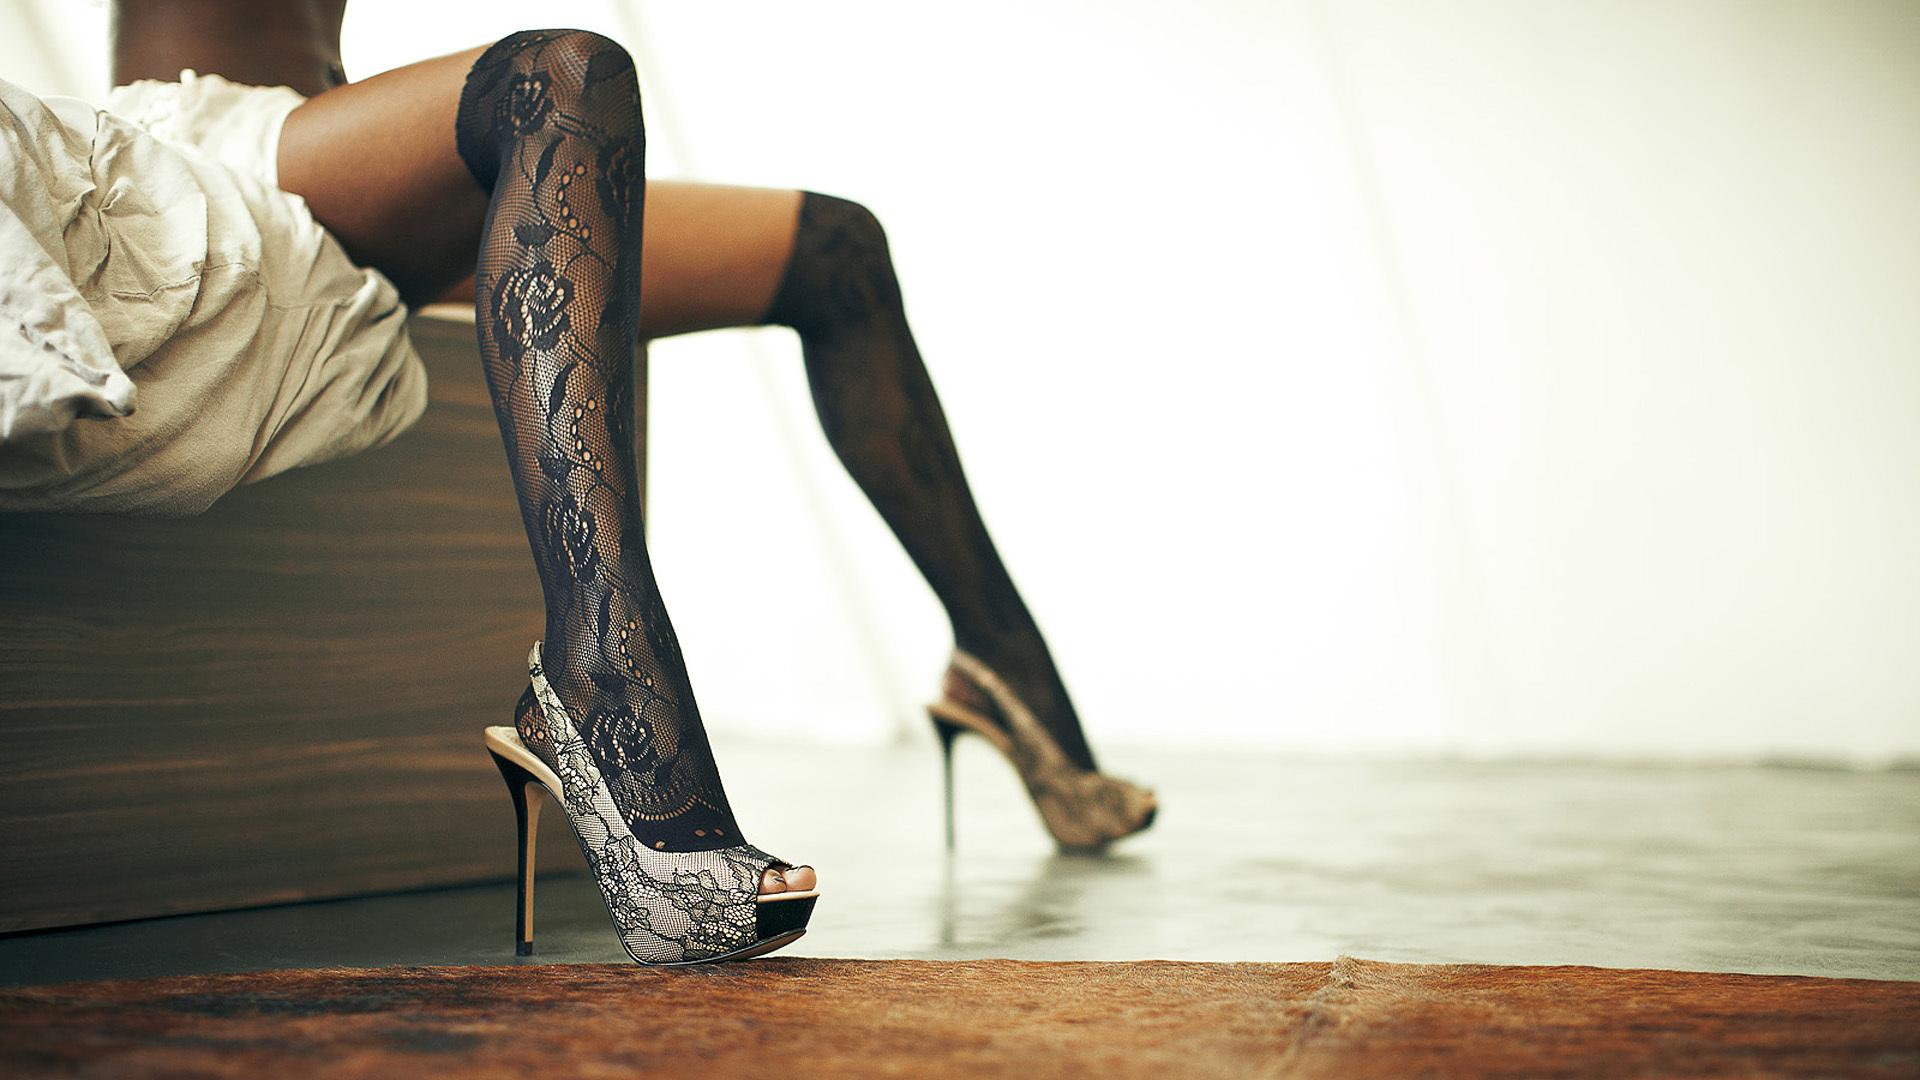 Noga noge Nogavice Čevlji Nogavice Črni modeli Ženske Ženske Seksi Babes Ozadje-9431